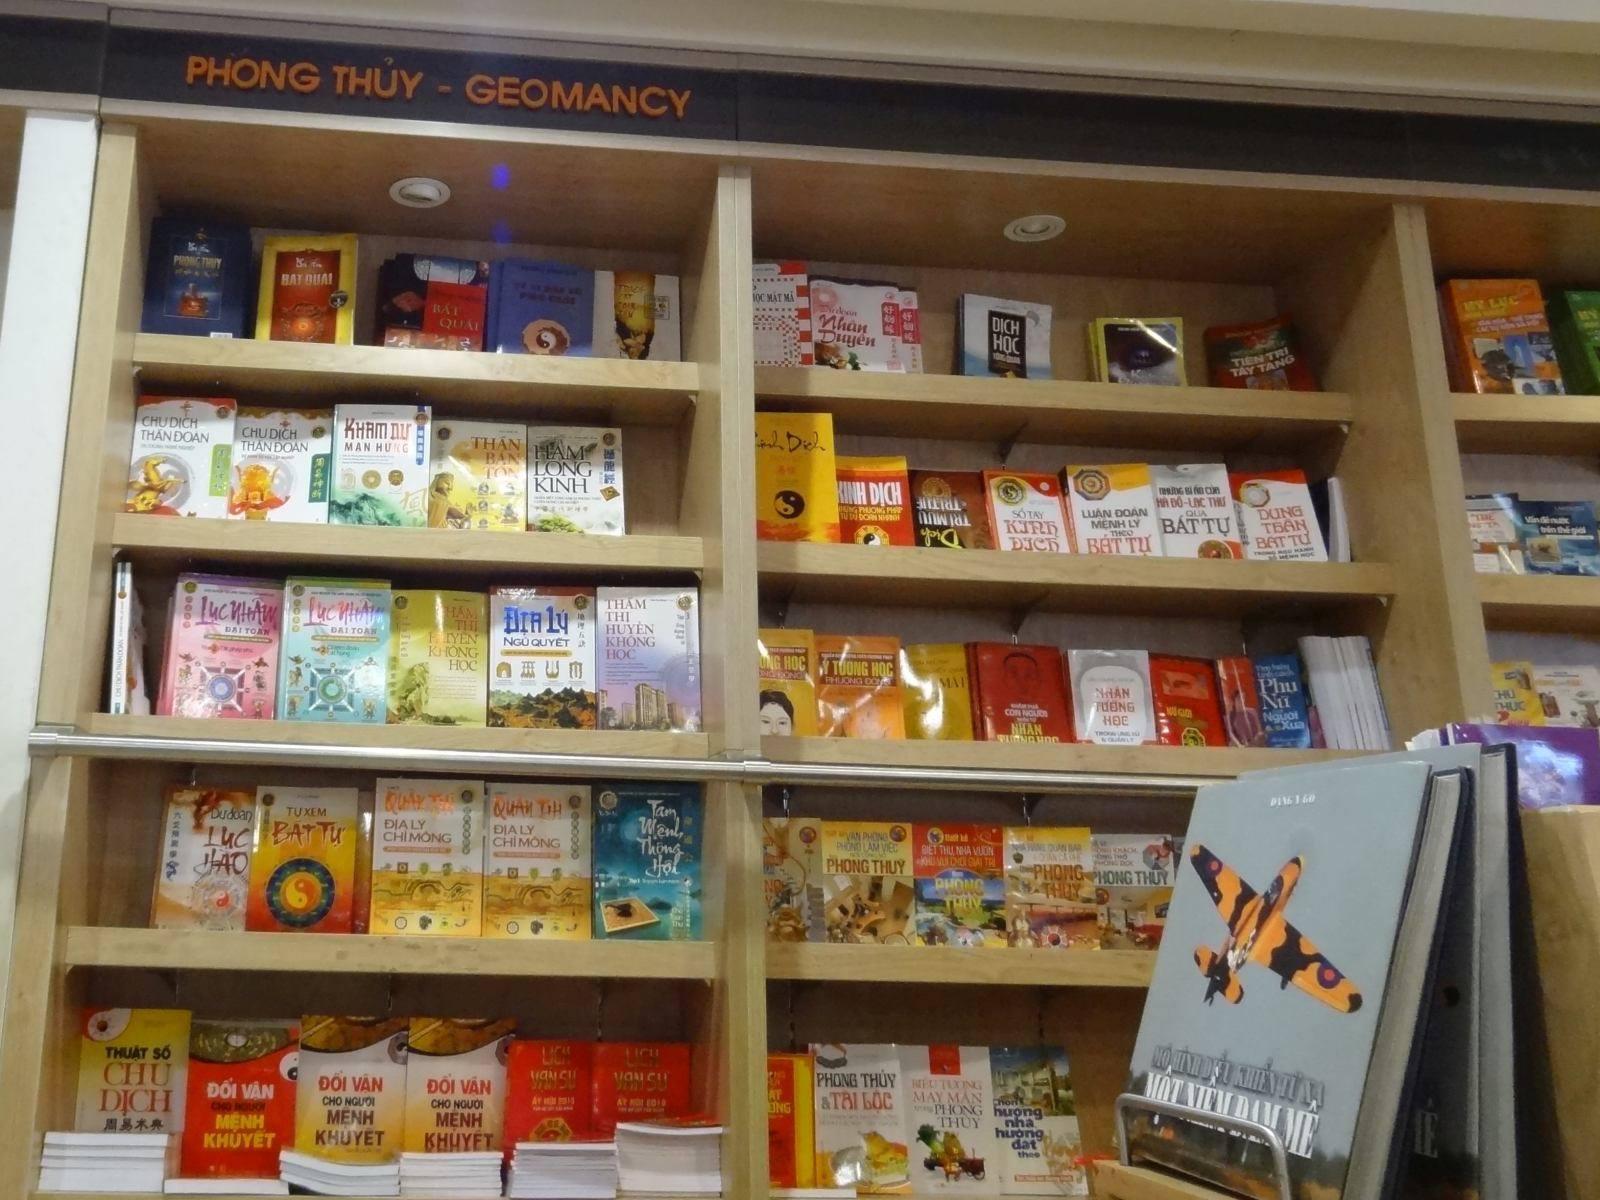 Księgarniany dział o geomancji